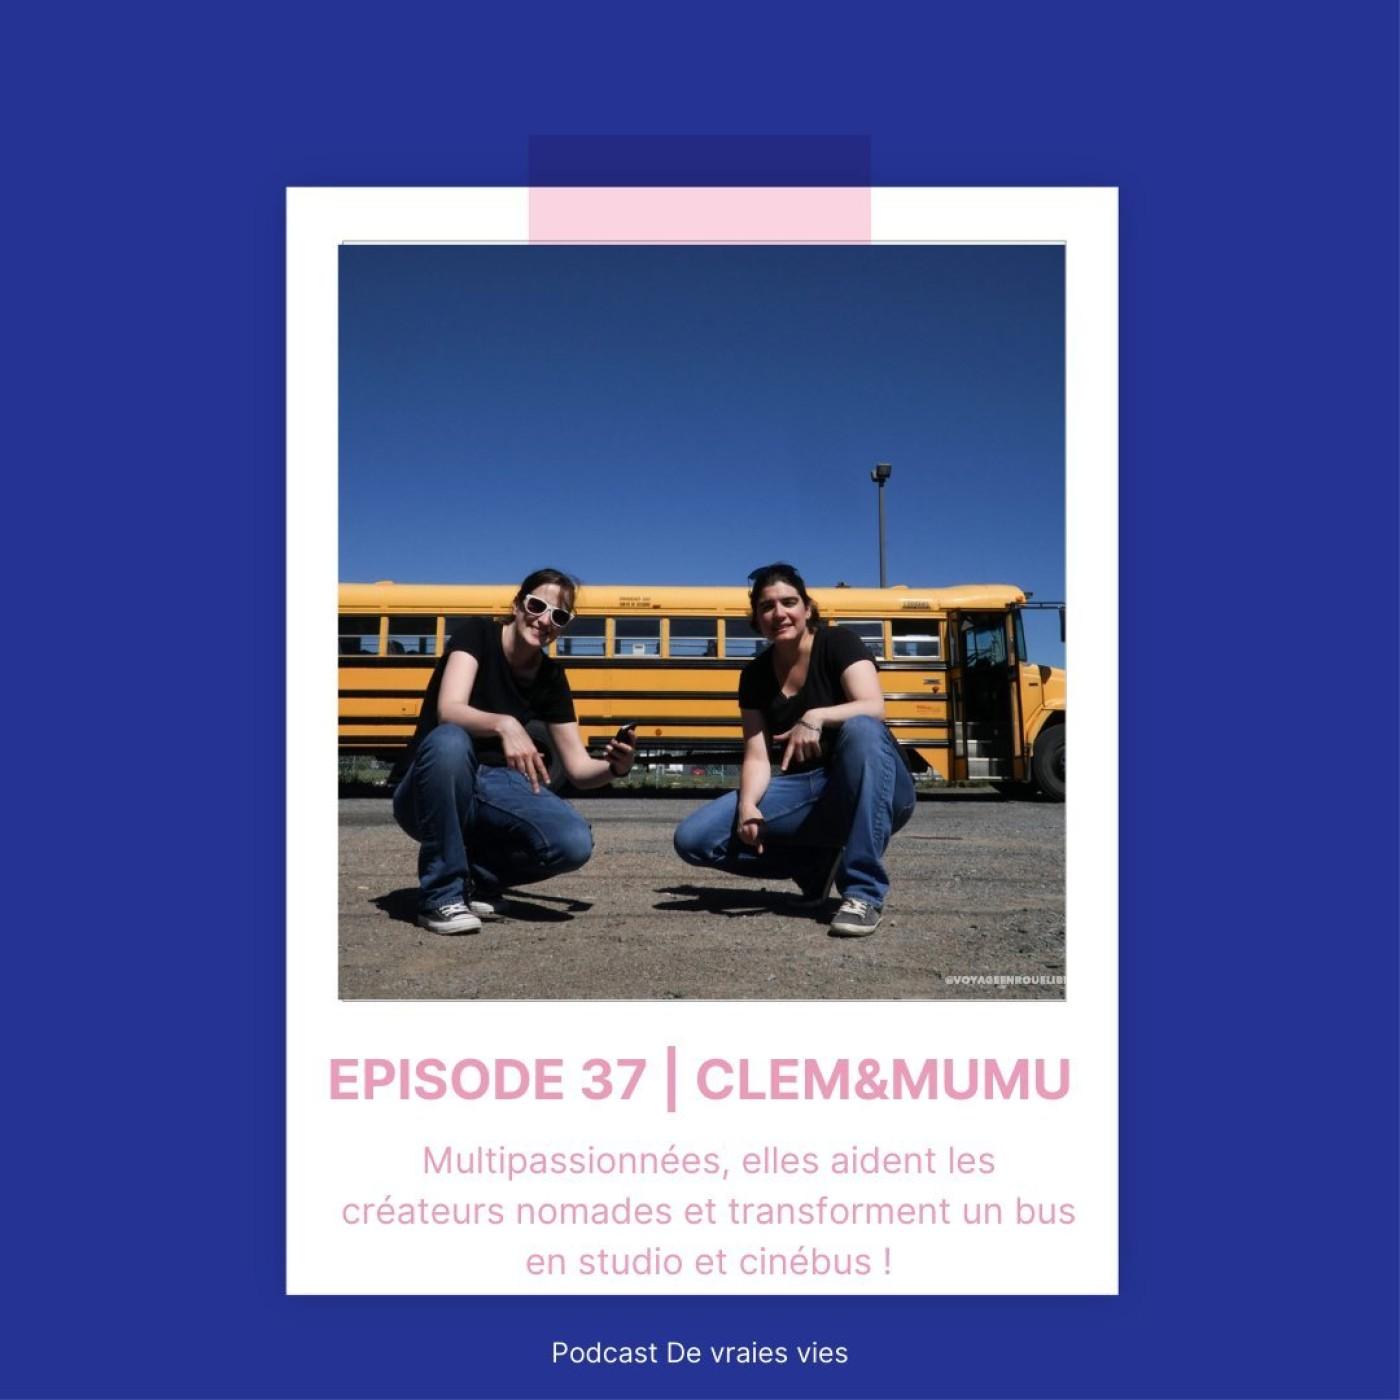 Clem&Mumu   Multipassionnées, elles aident les créateurs nomades et transforment un bus en studio et cinébus !